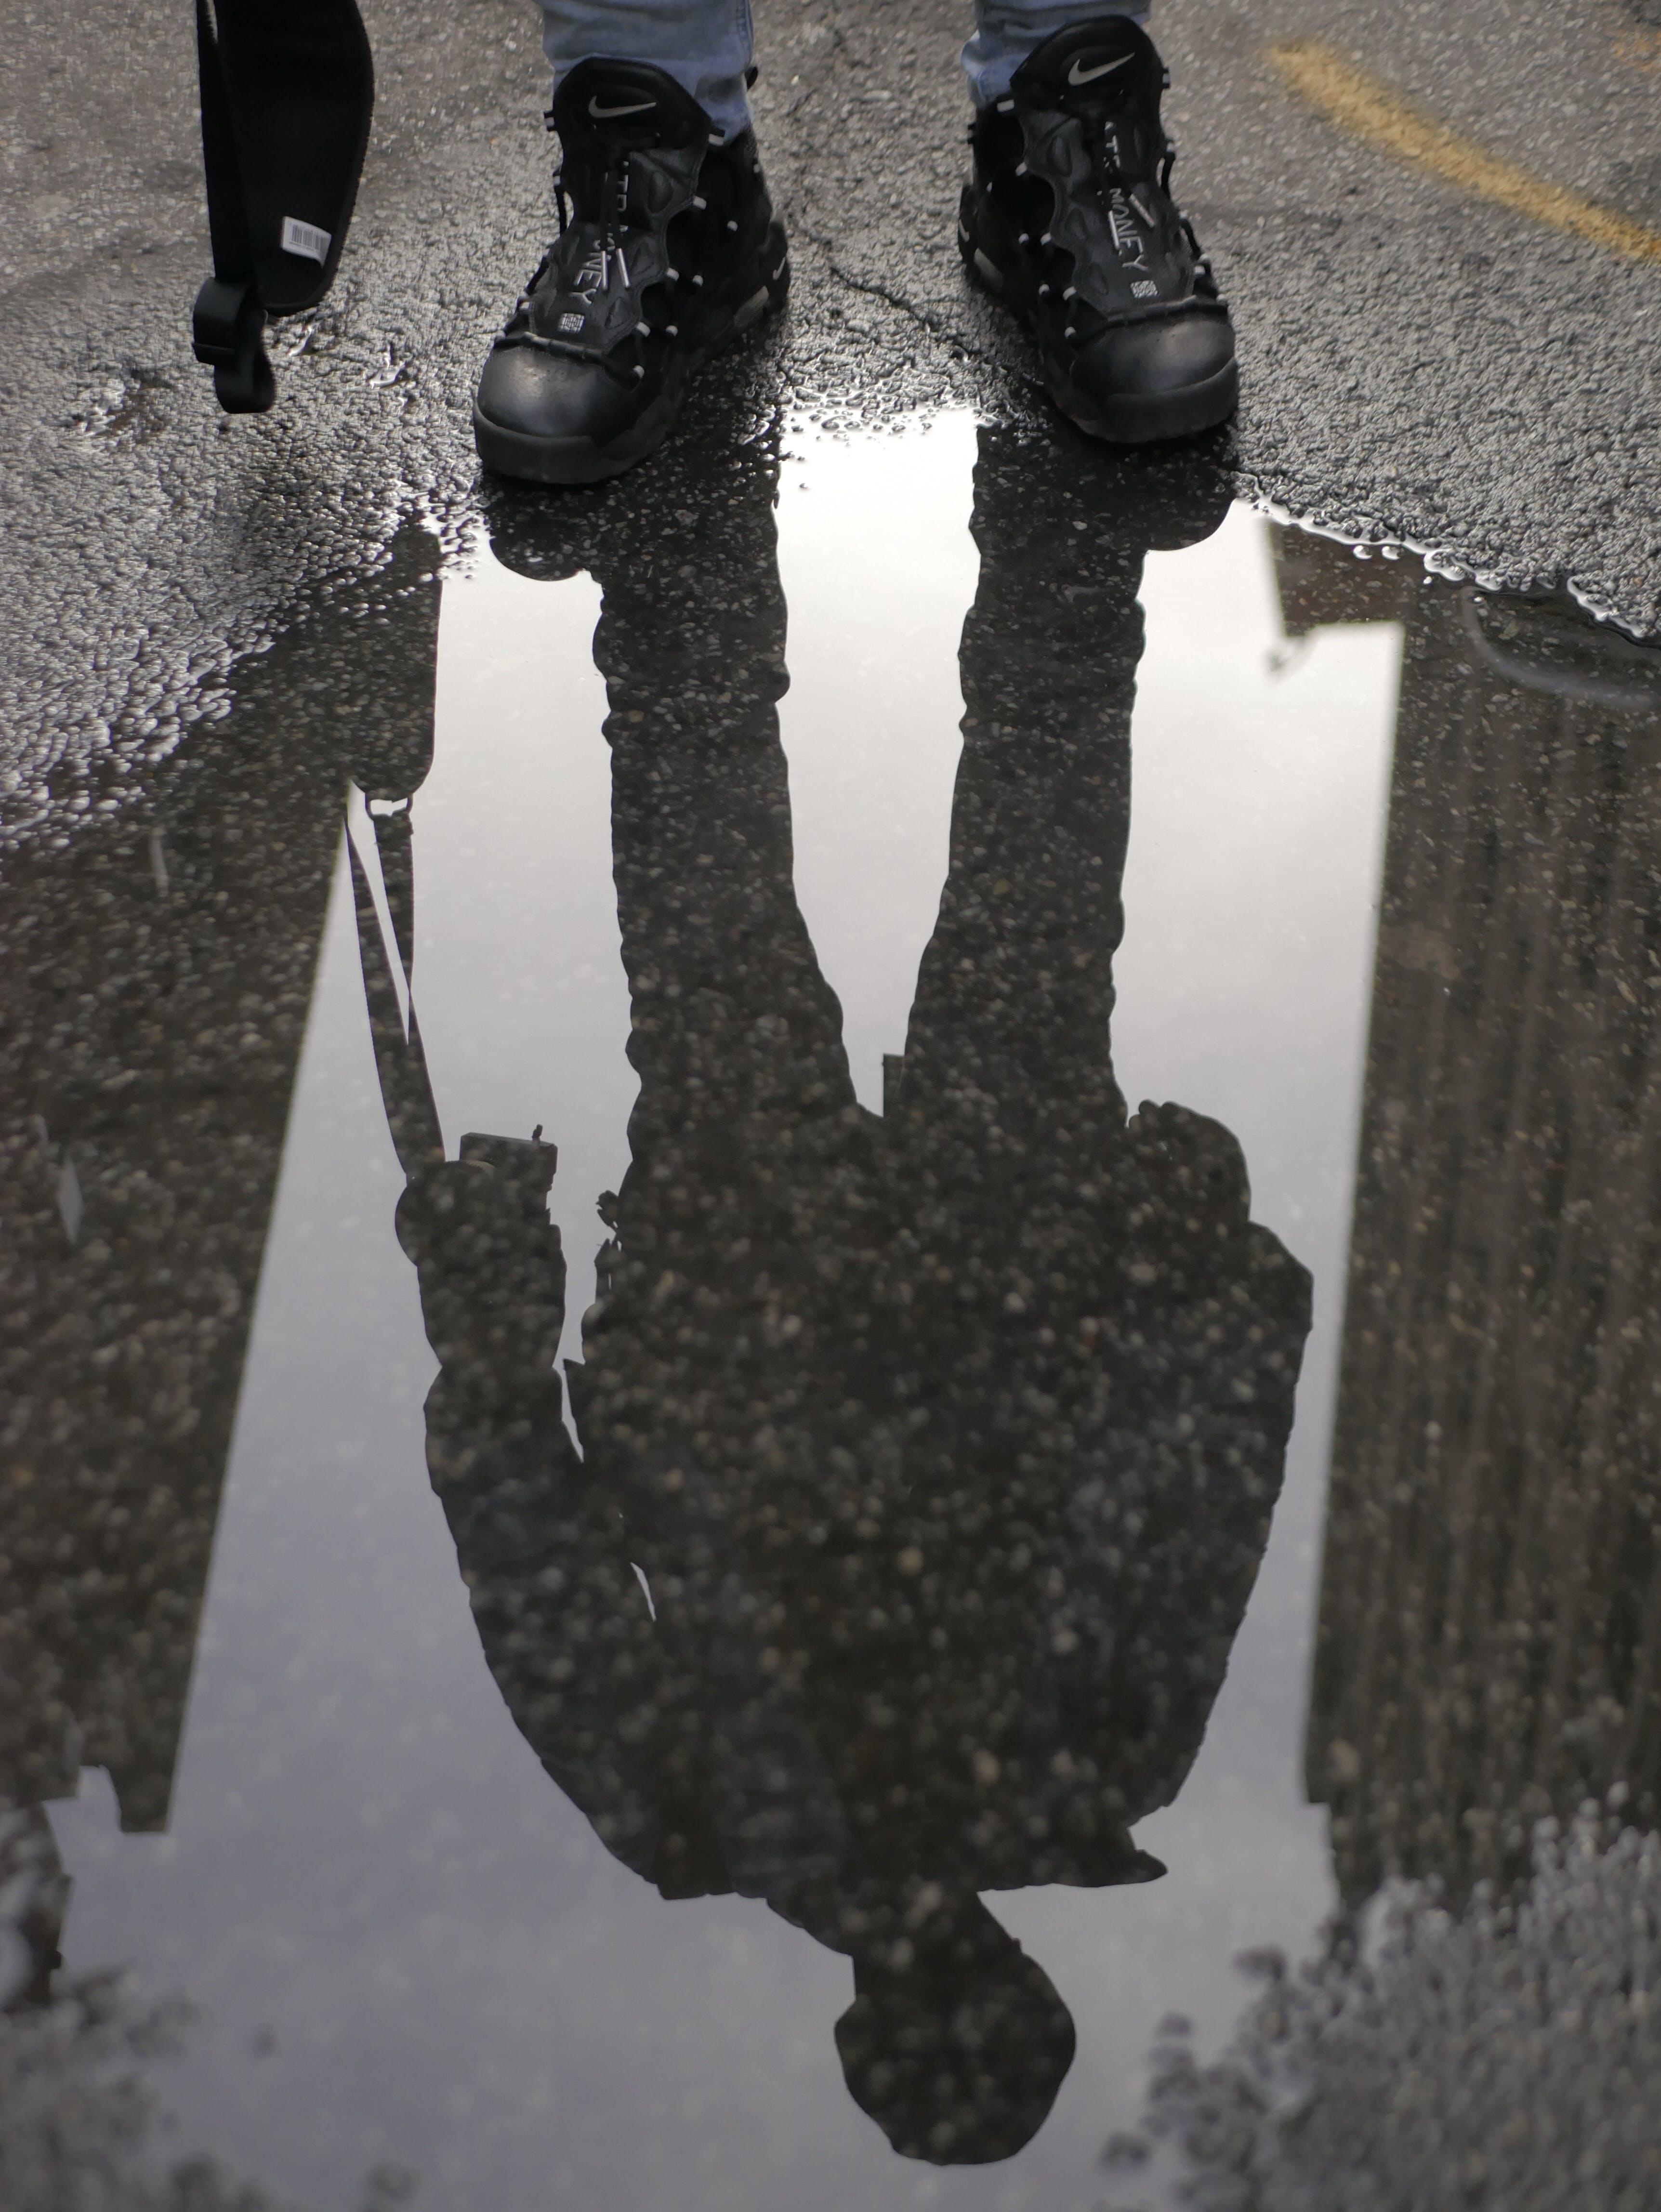 Gratis stockfoto met kerel, plas, reflectie, schoeisel